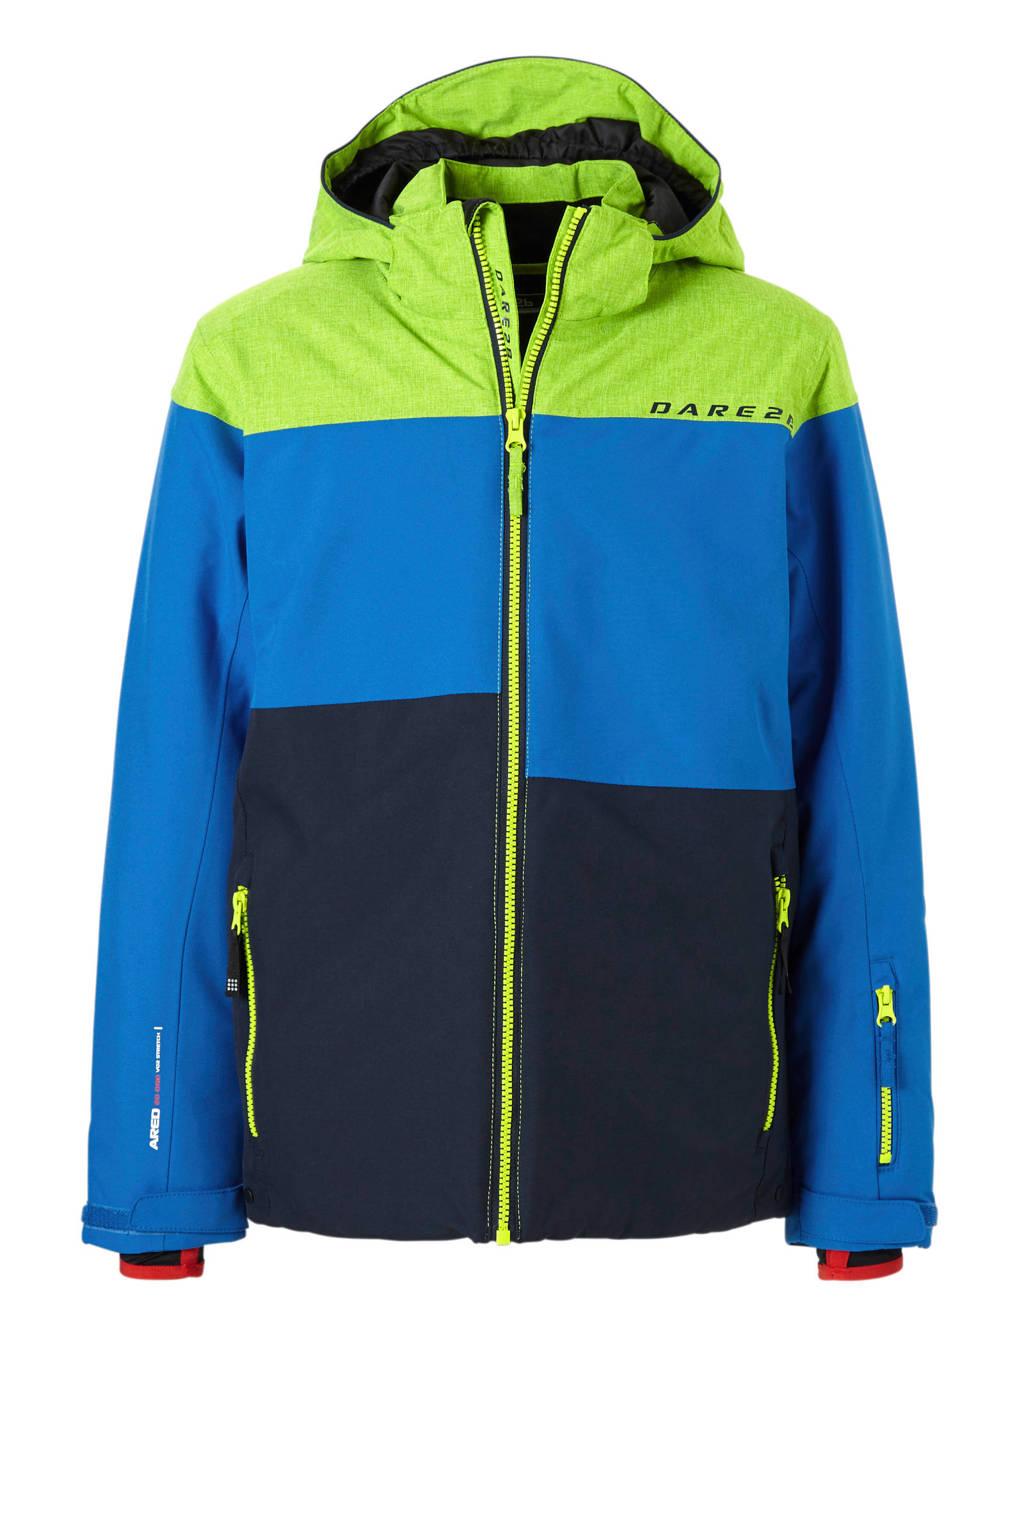 Dare2B ski-jack, Blauw/donkerblauw/groen